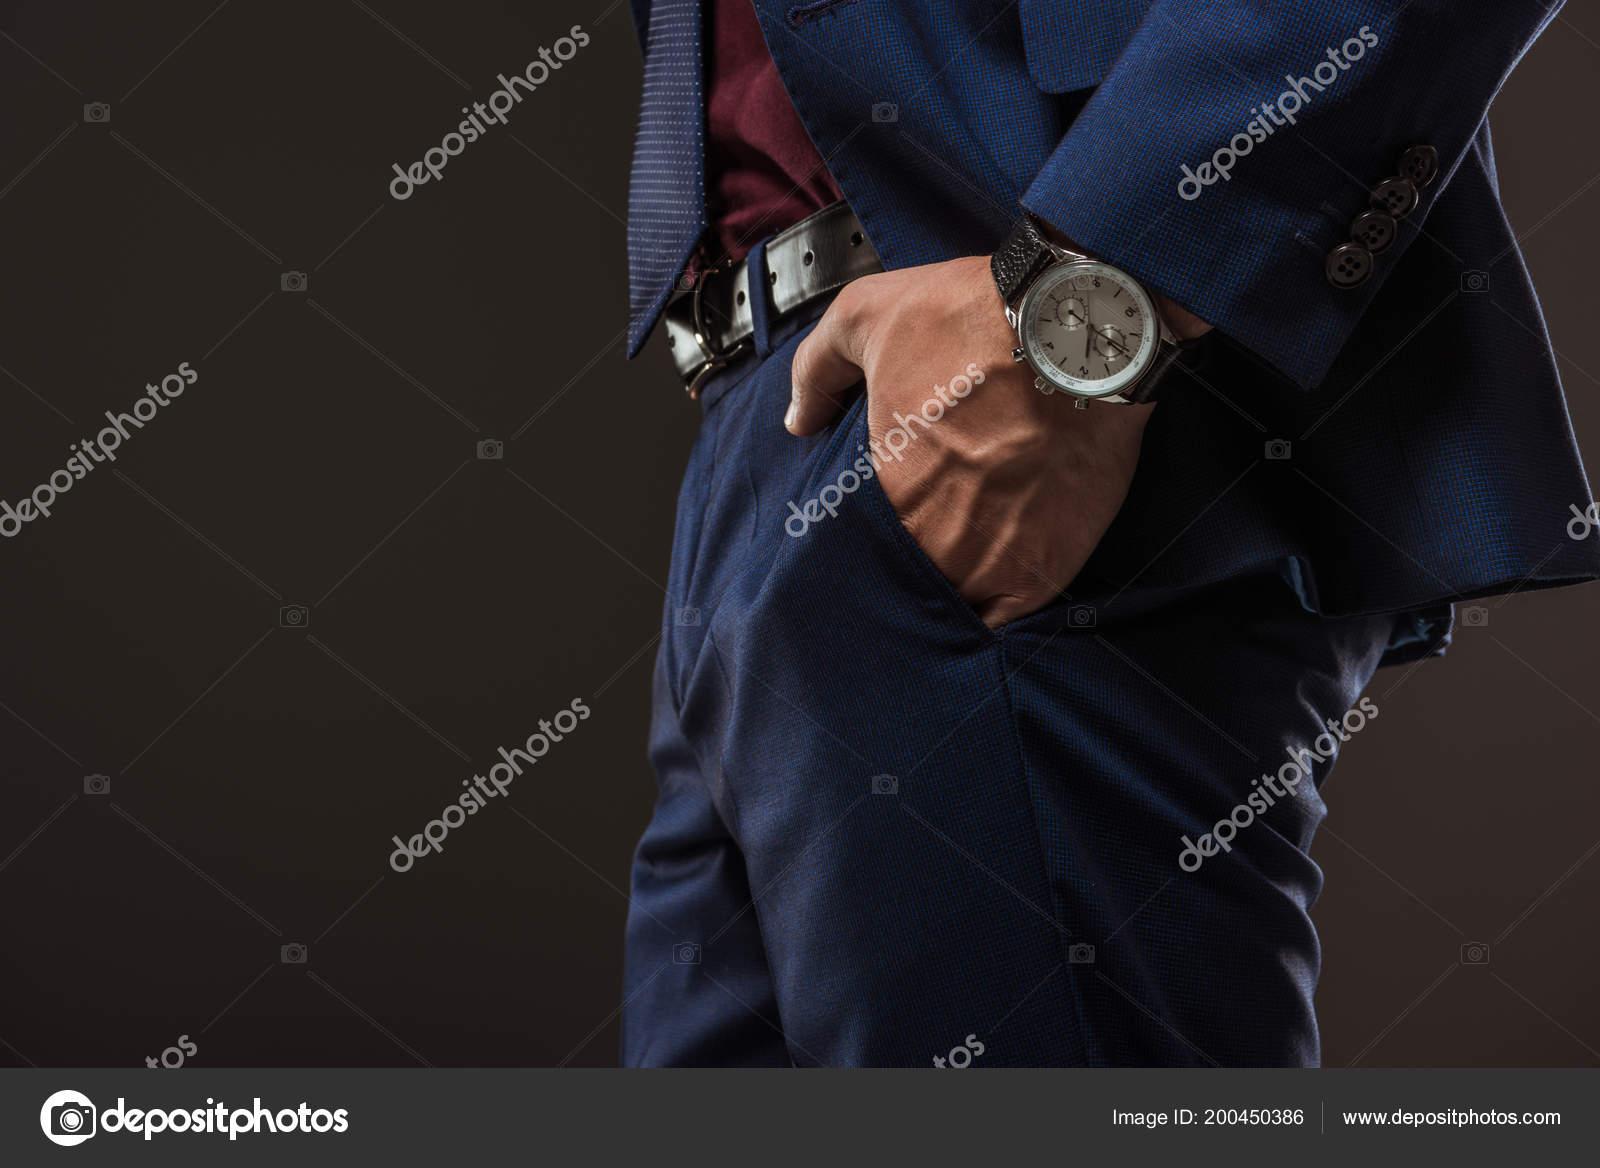 психология на фото руки в карманах материалов только натуральная